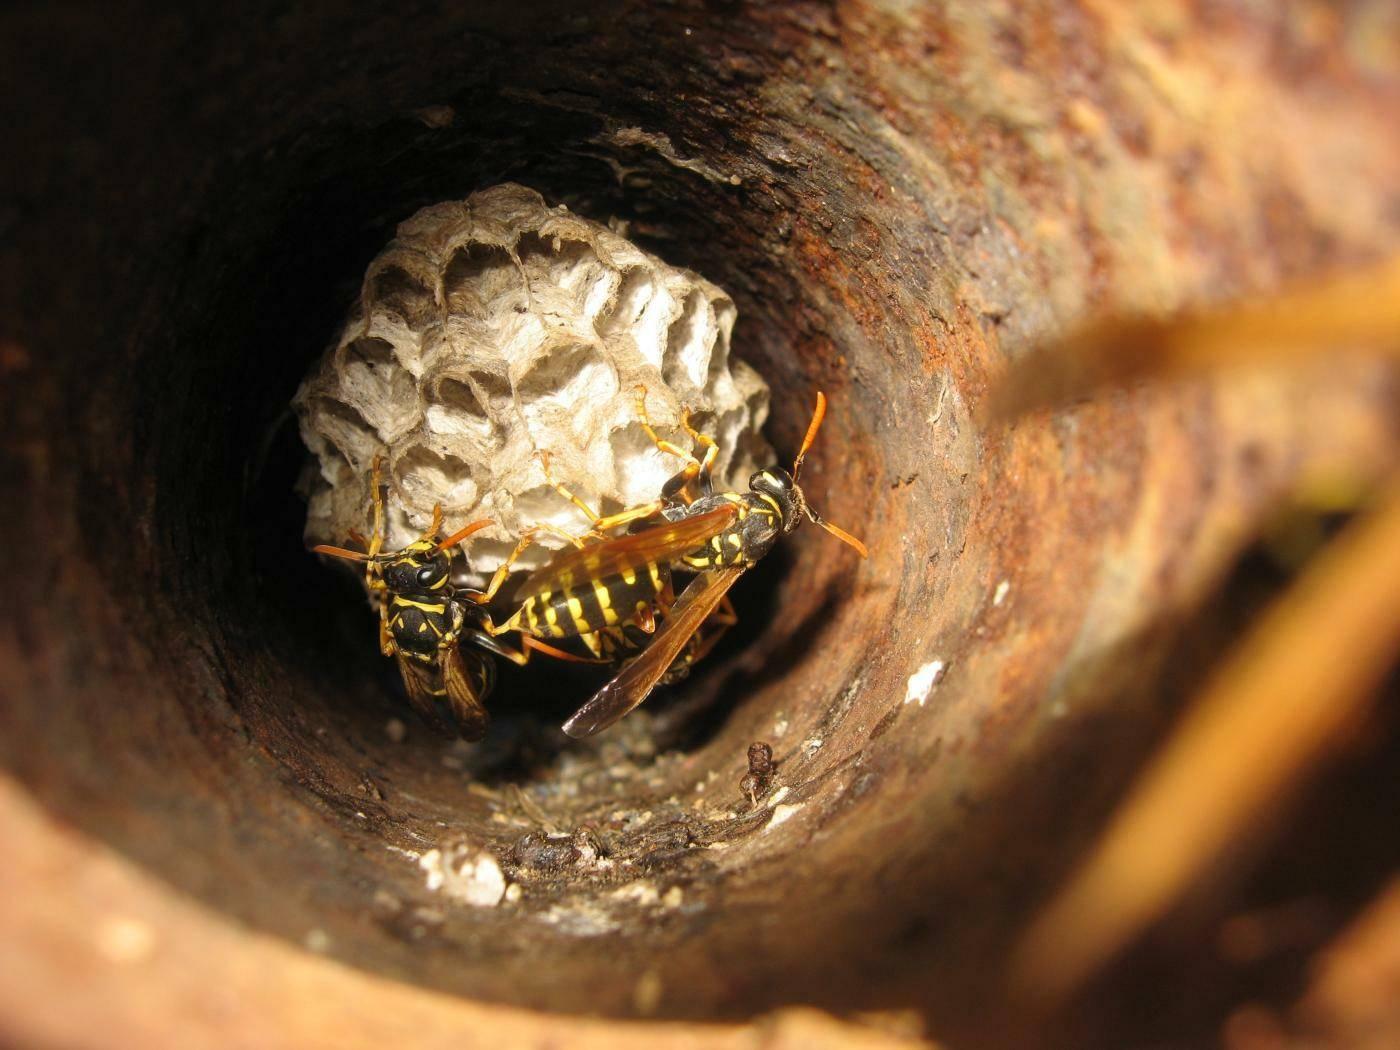 Из чего осы делают свои гнезда. как устроено гнездо осы, и каким образом оно используется в медицине